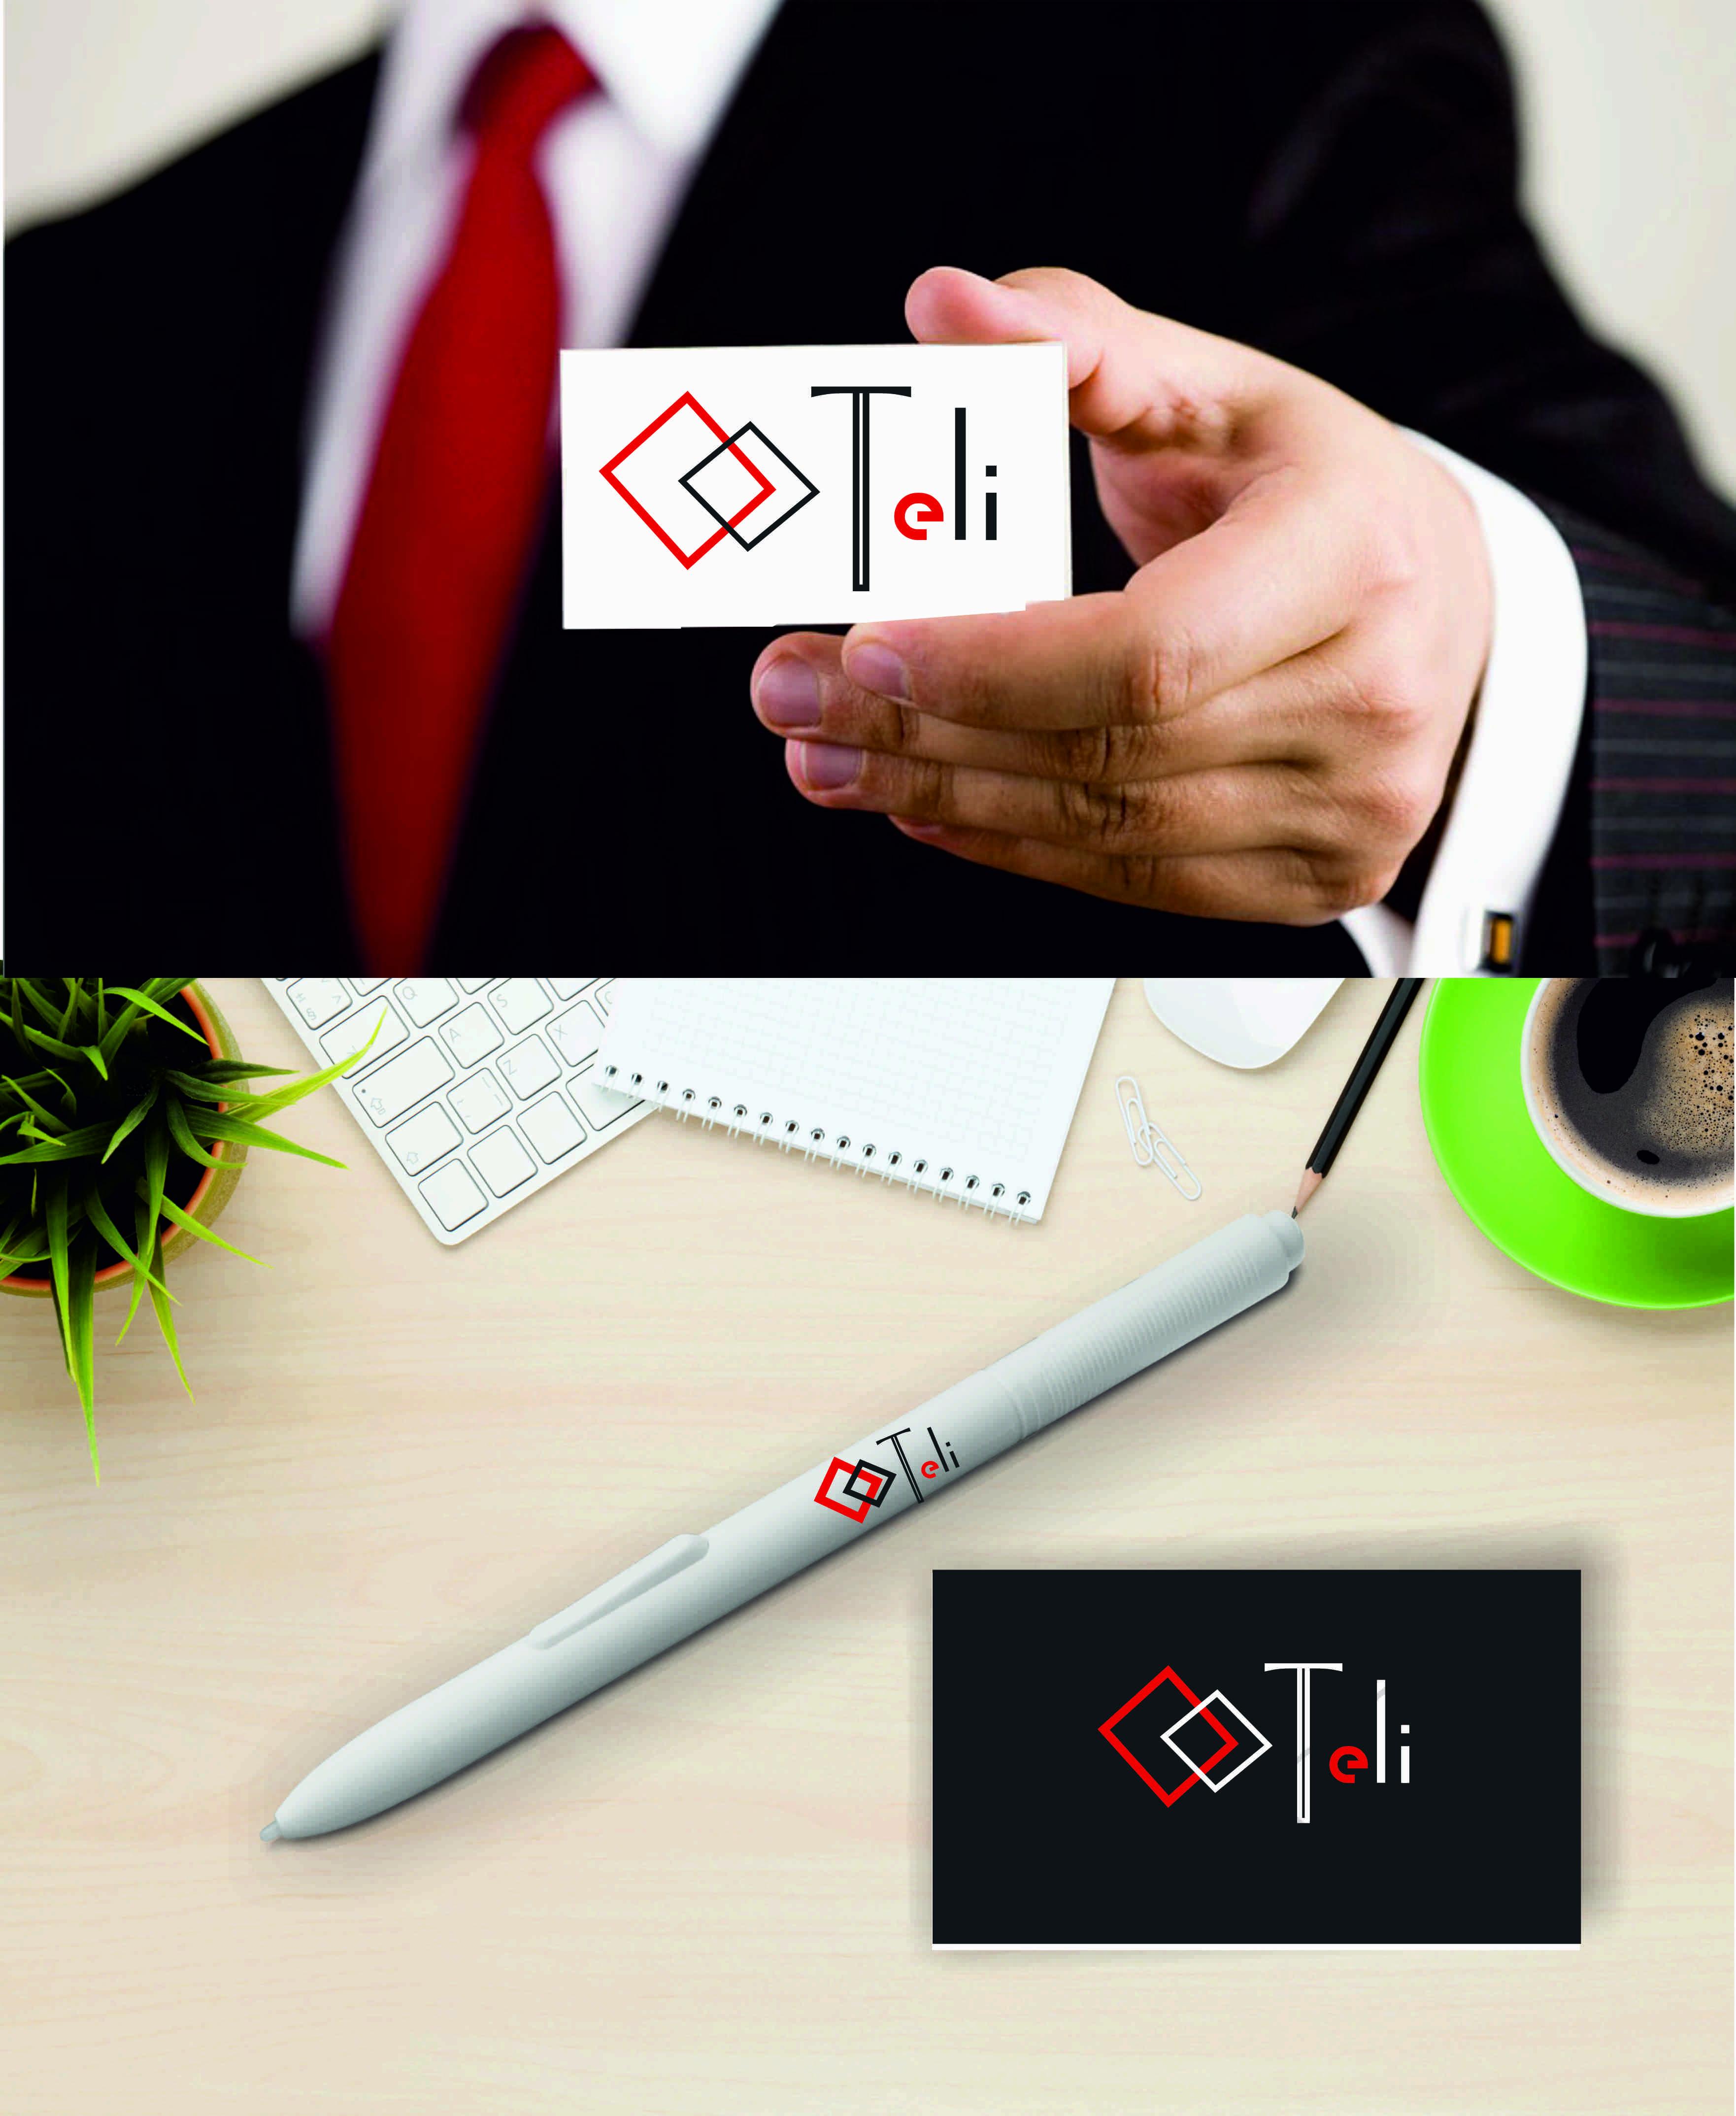 Разработка логотипа и фирменного стиля фото f_25658fcd391b1ae6.jpg